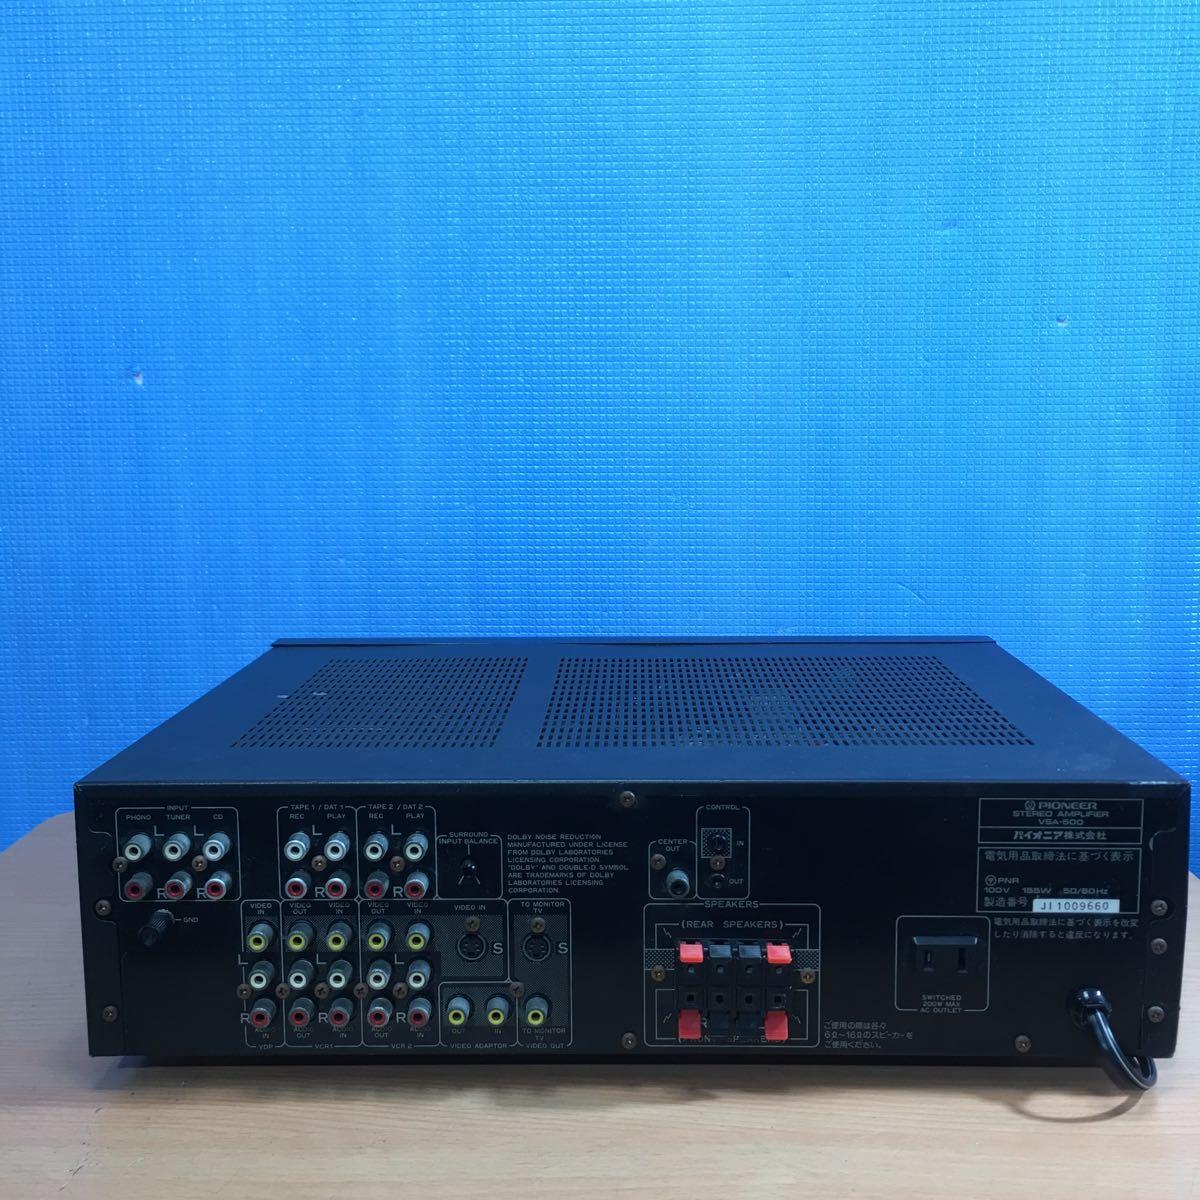 P IONEER AV デジタル サラウンド アンプ VSA-500 Ⅱ_画像7